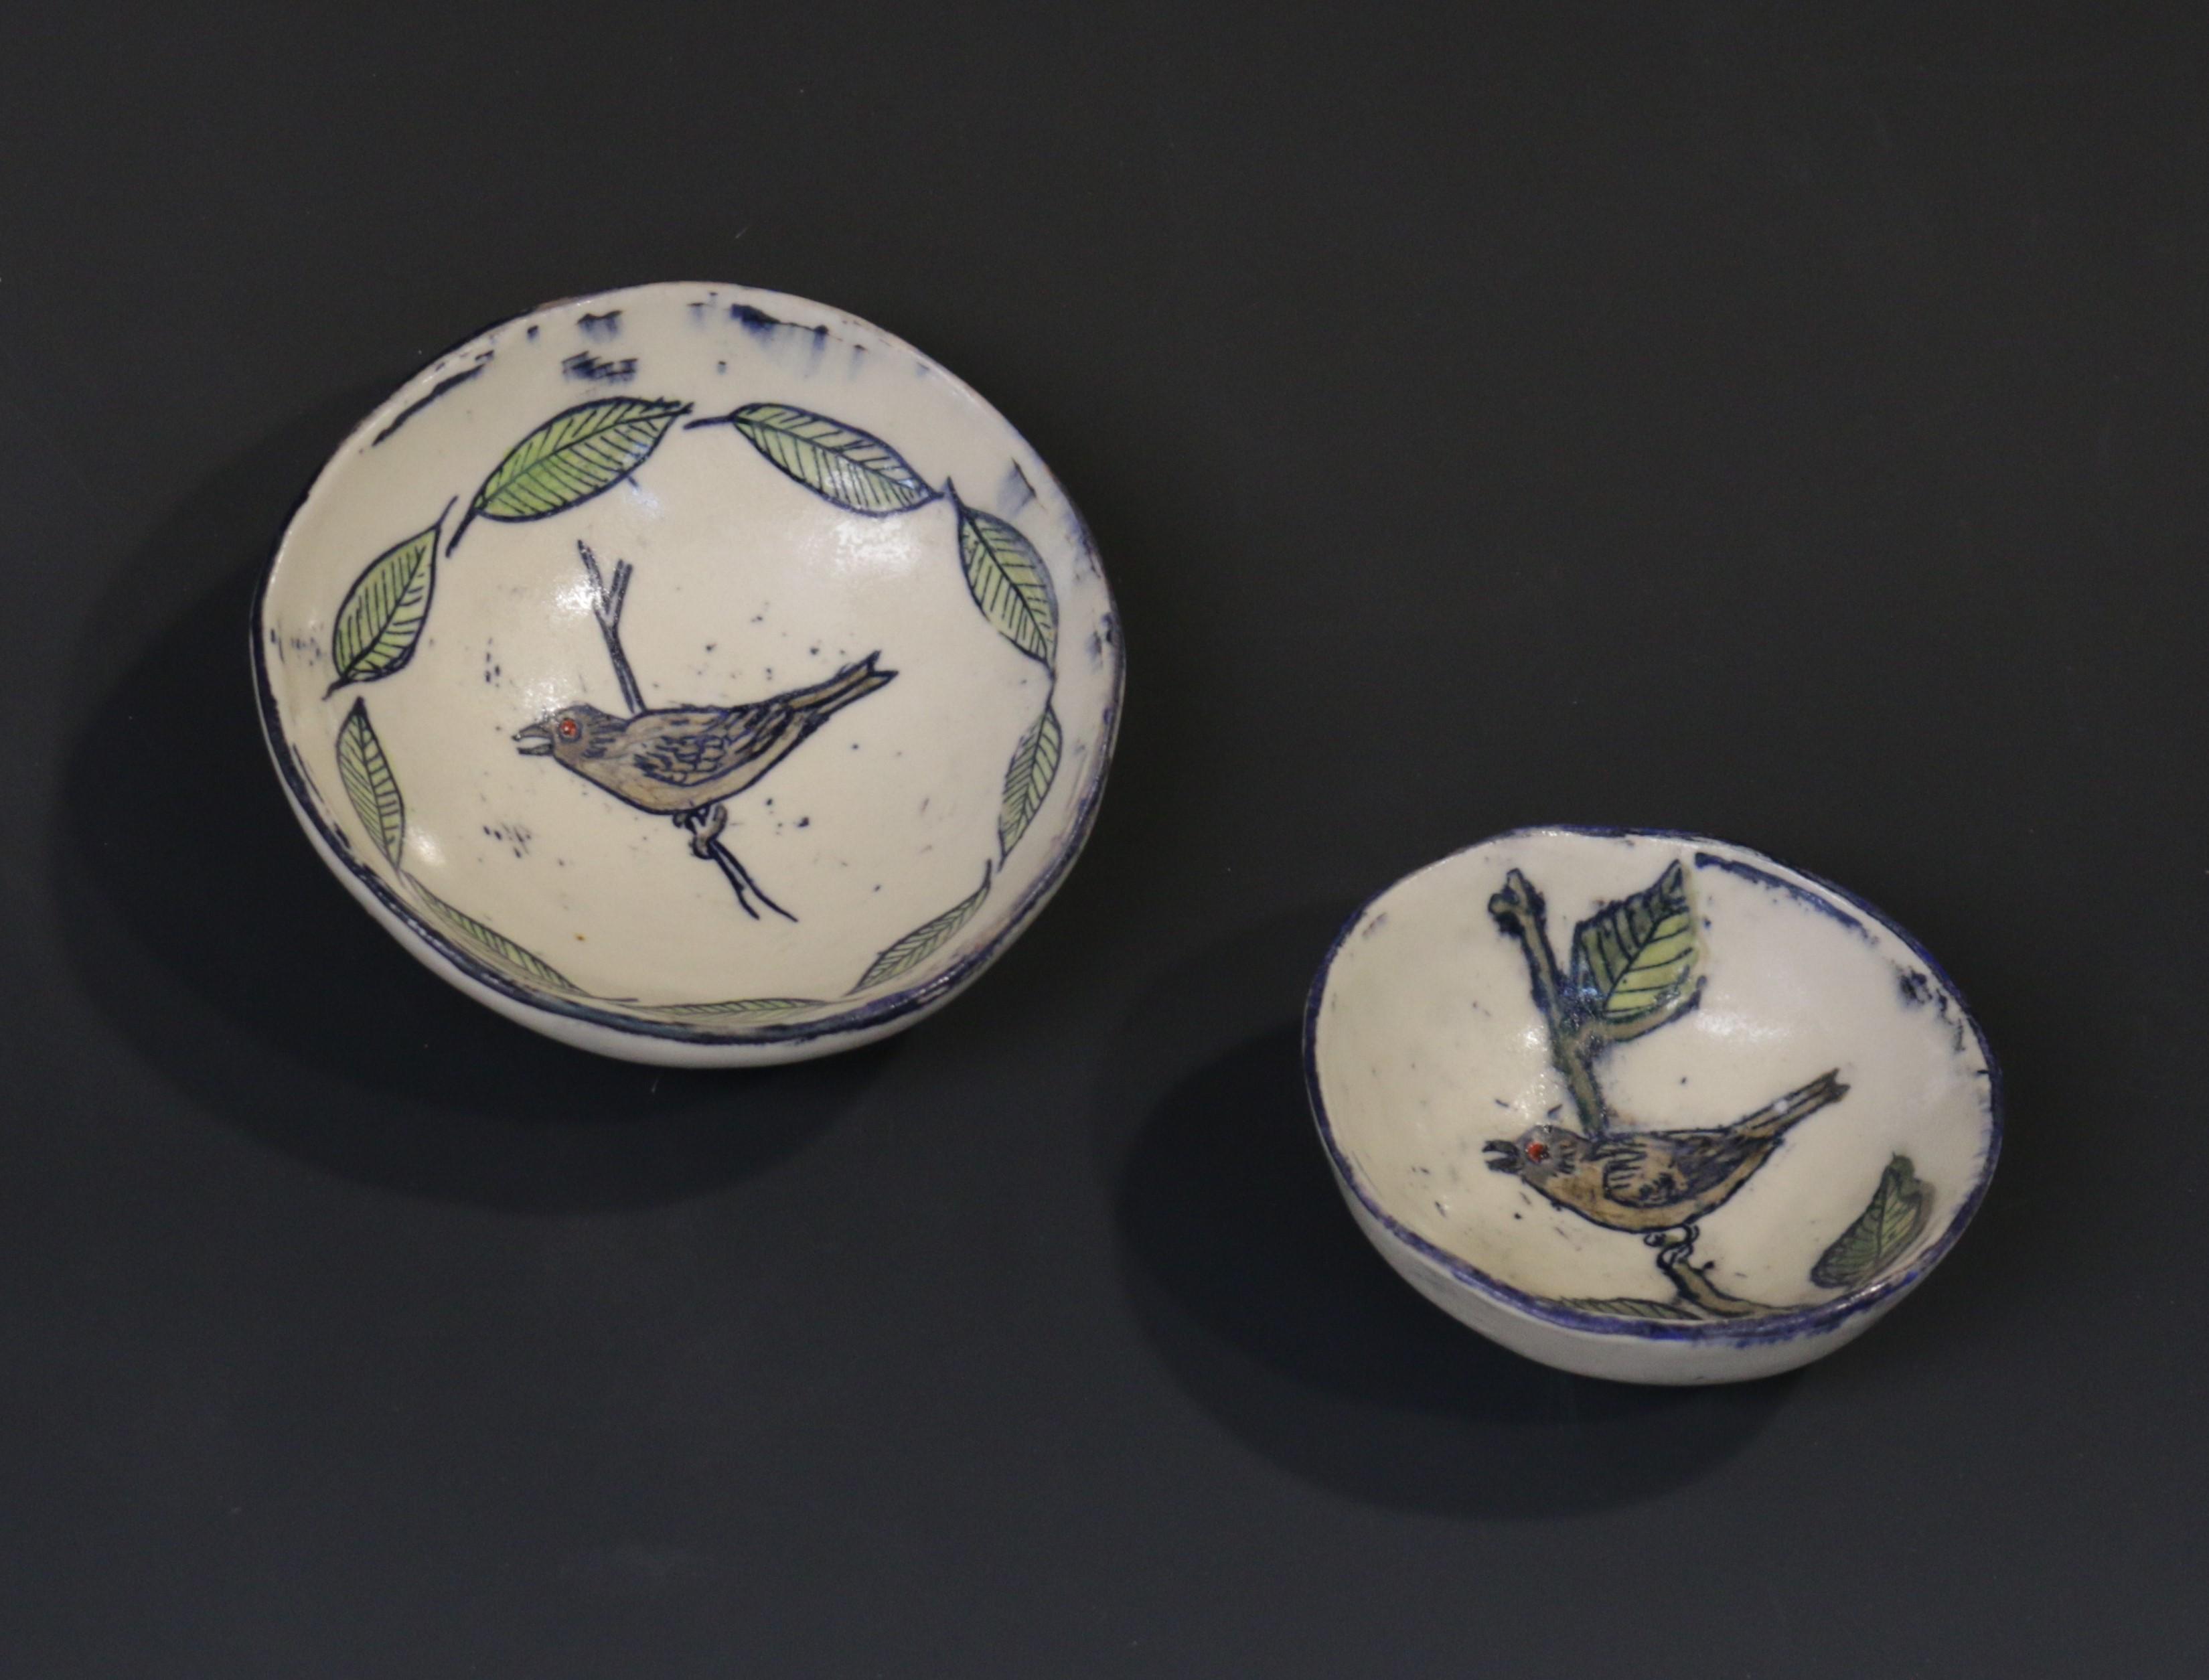 Nest bowl 10